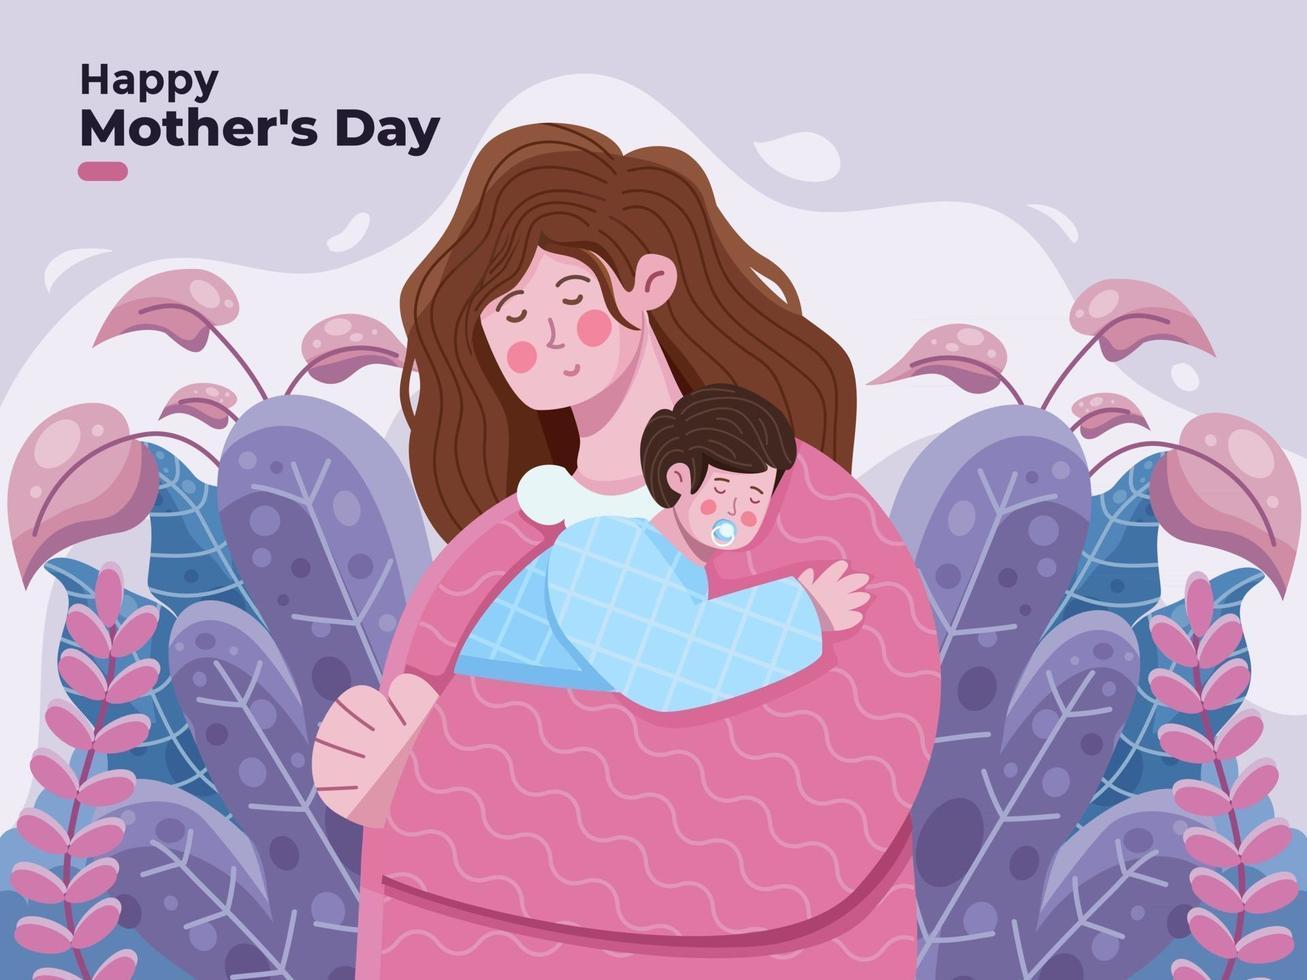 ilustração de dia das mães feliz com a mãe abraçando seu filho com muito carinho e amor. mãe segurando o filho nos braços, cumprimentando feliz dia das mães adequado para banner cartão postal banner pôster convite impressão vetor